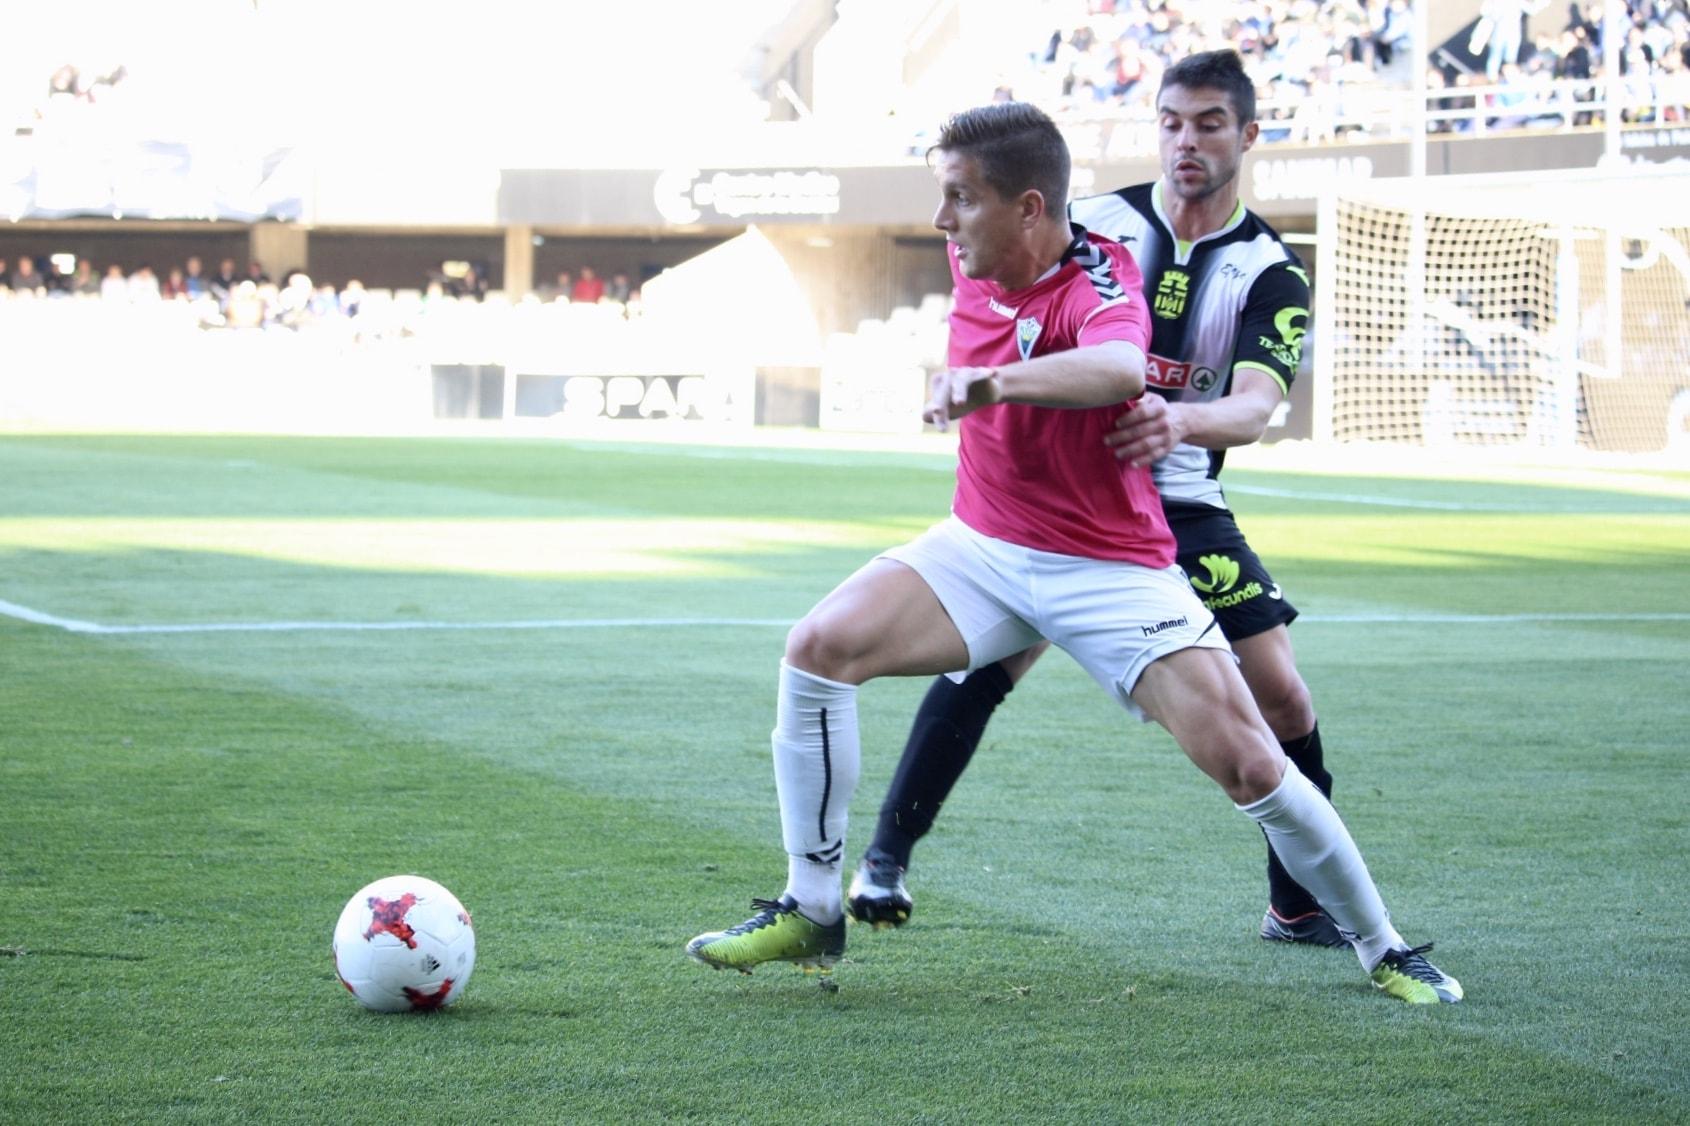 El Marbella FC, líder de la tabla al vencer al Cartagena en su campo (0-1)